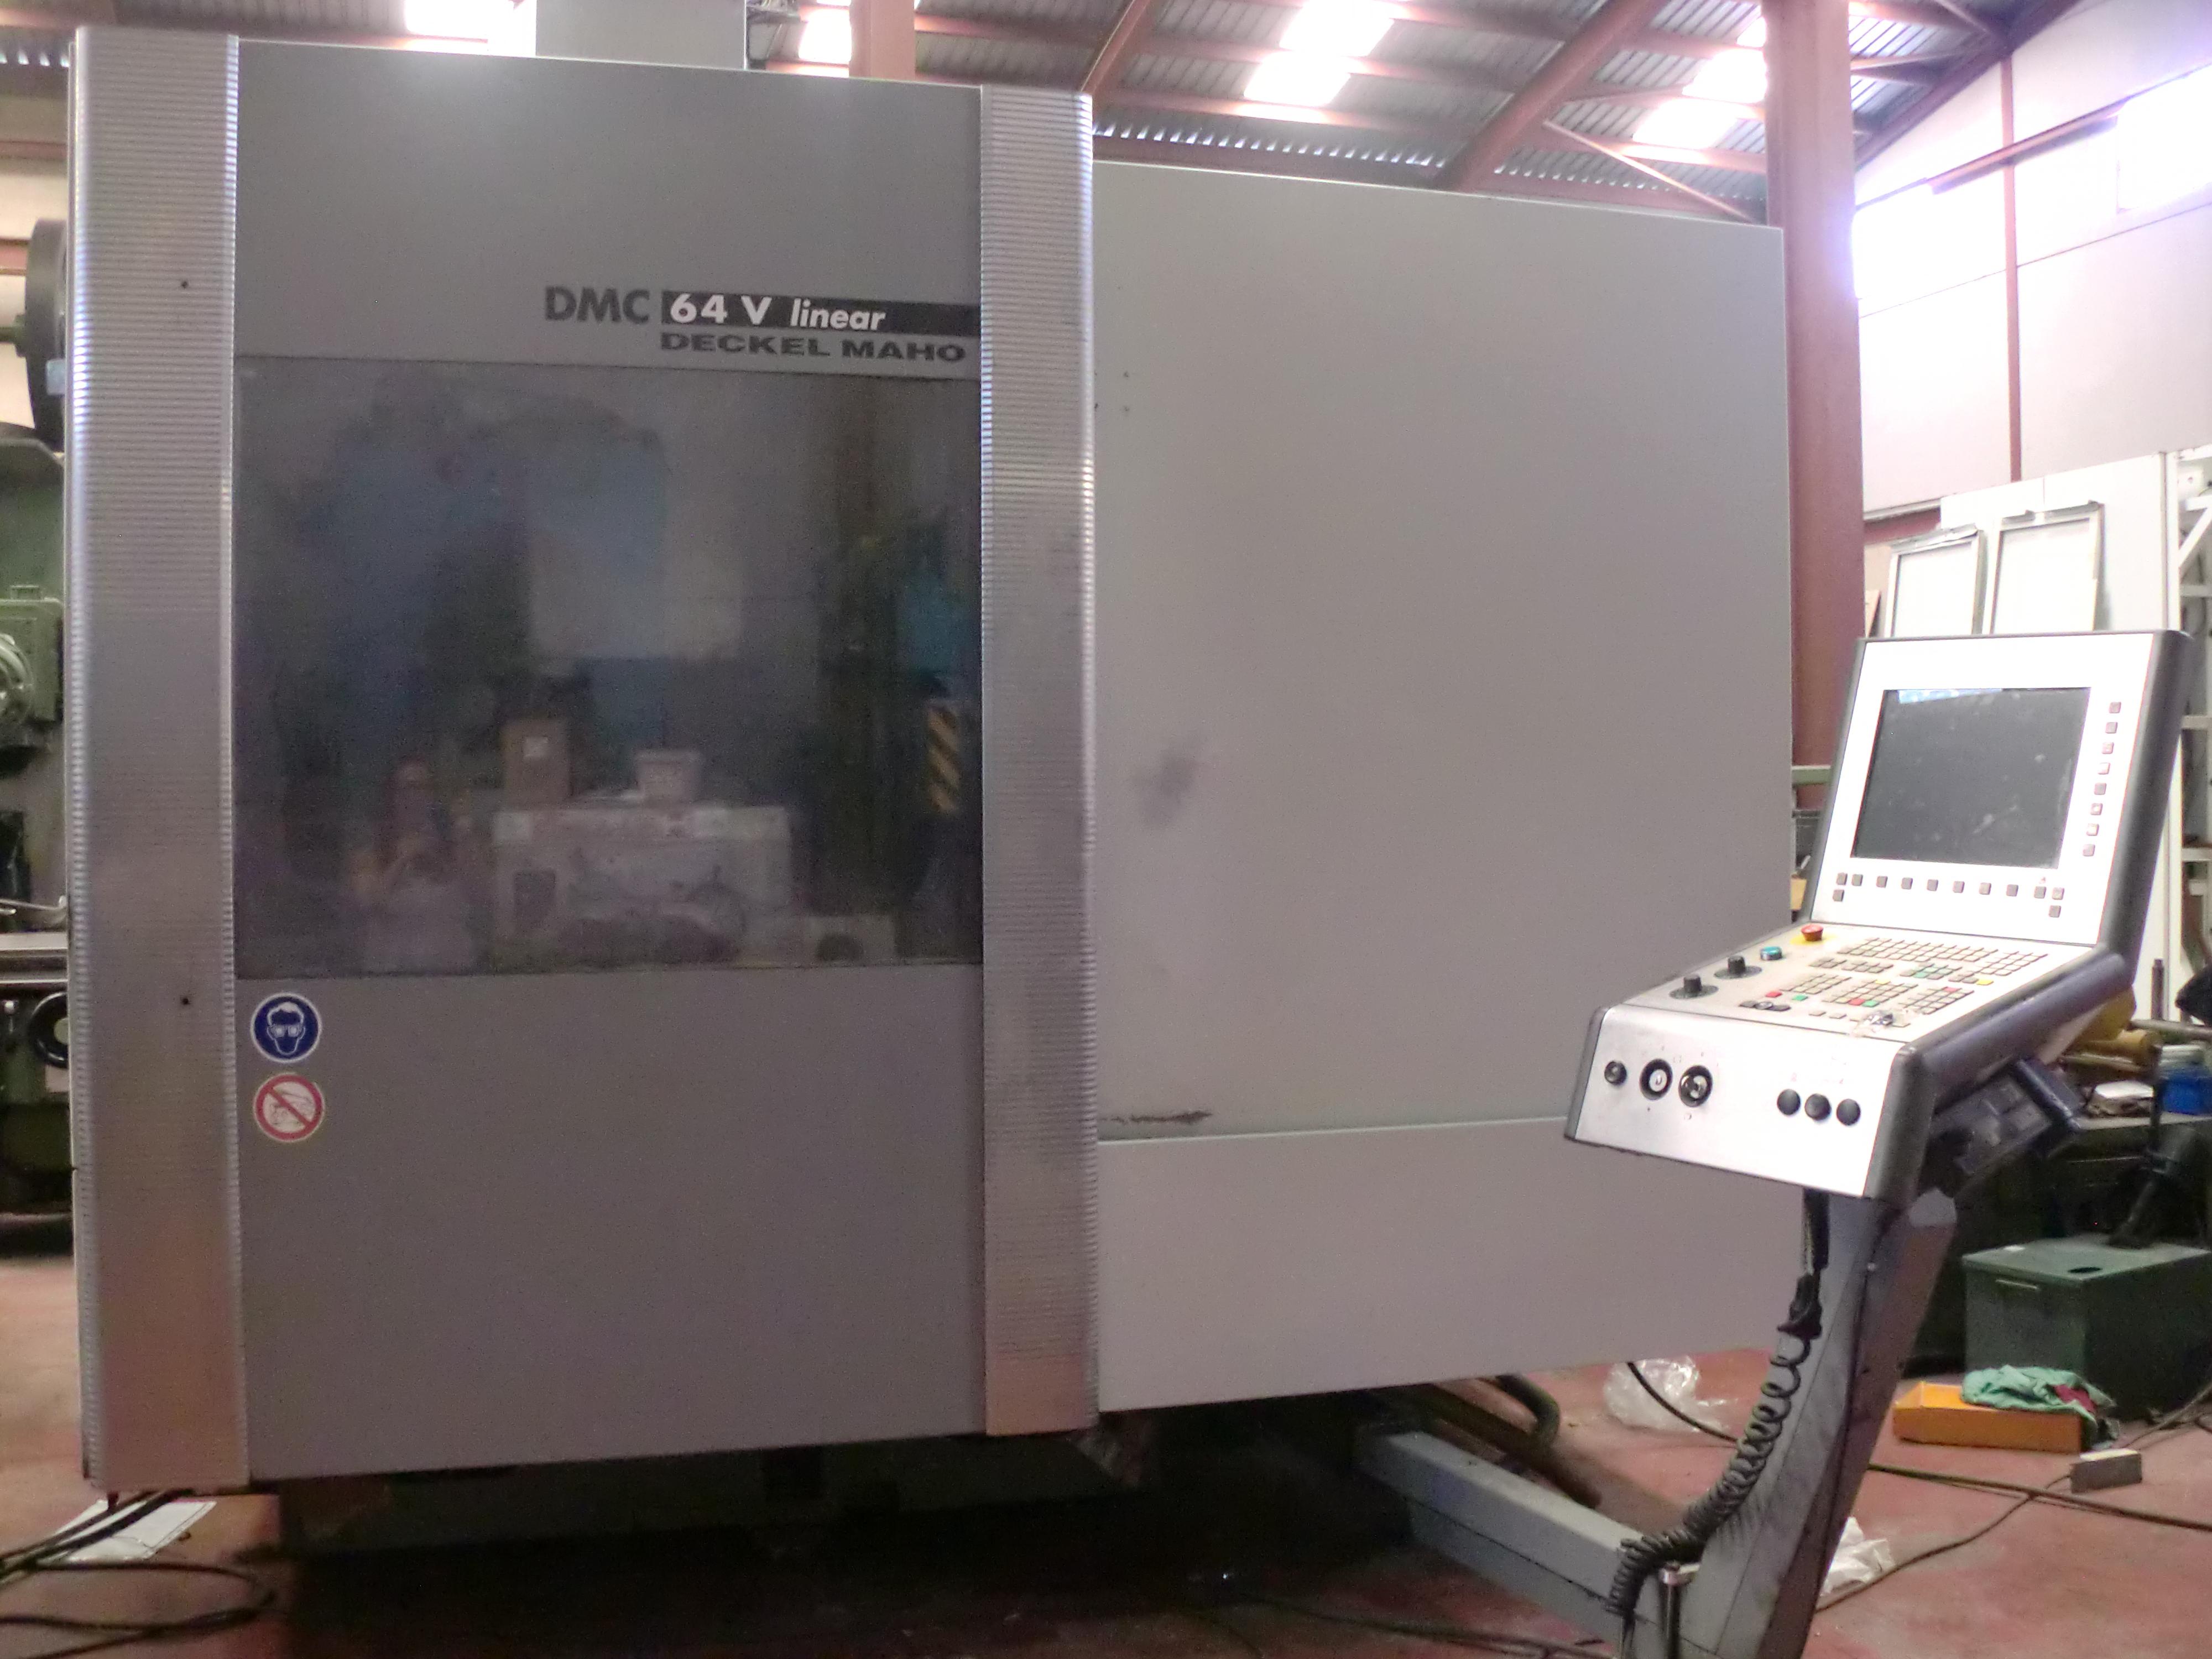 Deckel maho dmc dmg 64v bearbeitungszentrum vertikal for Dmg deckel maho